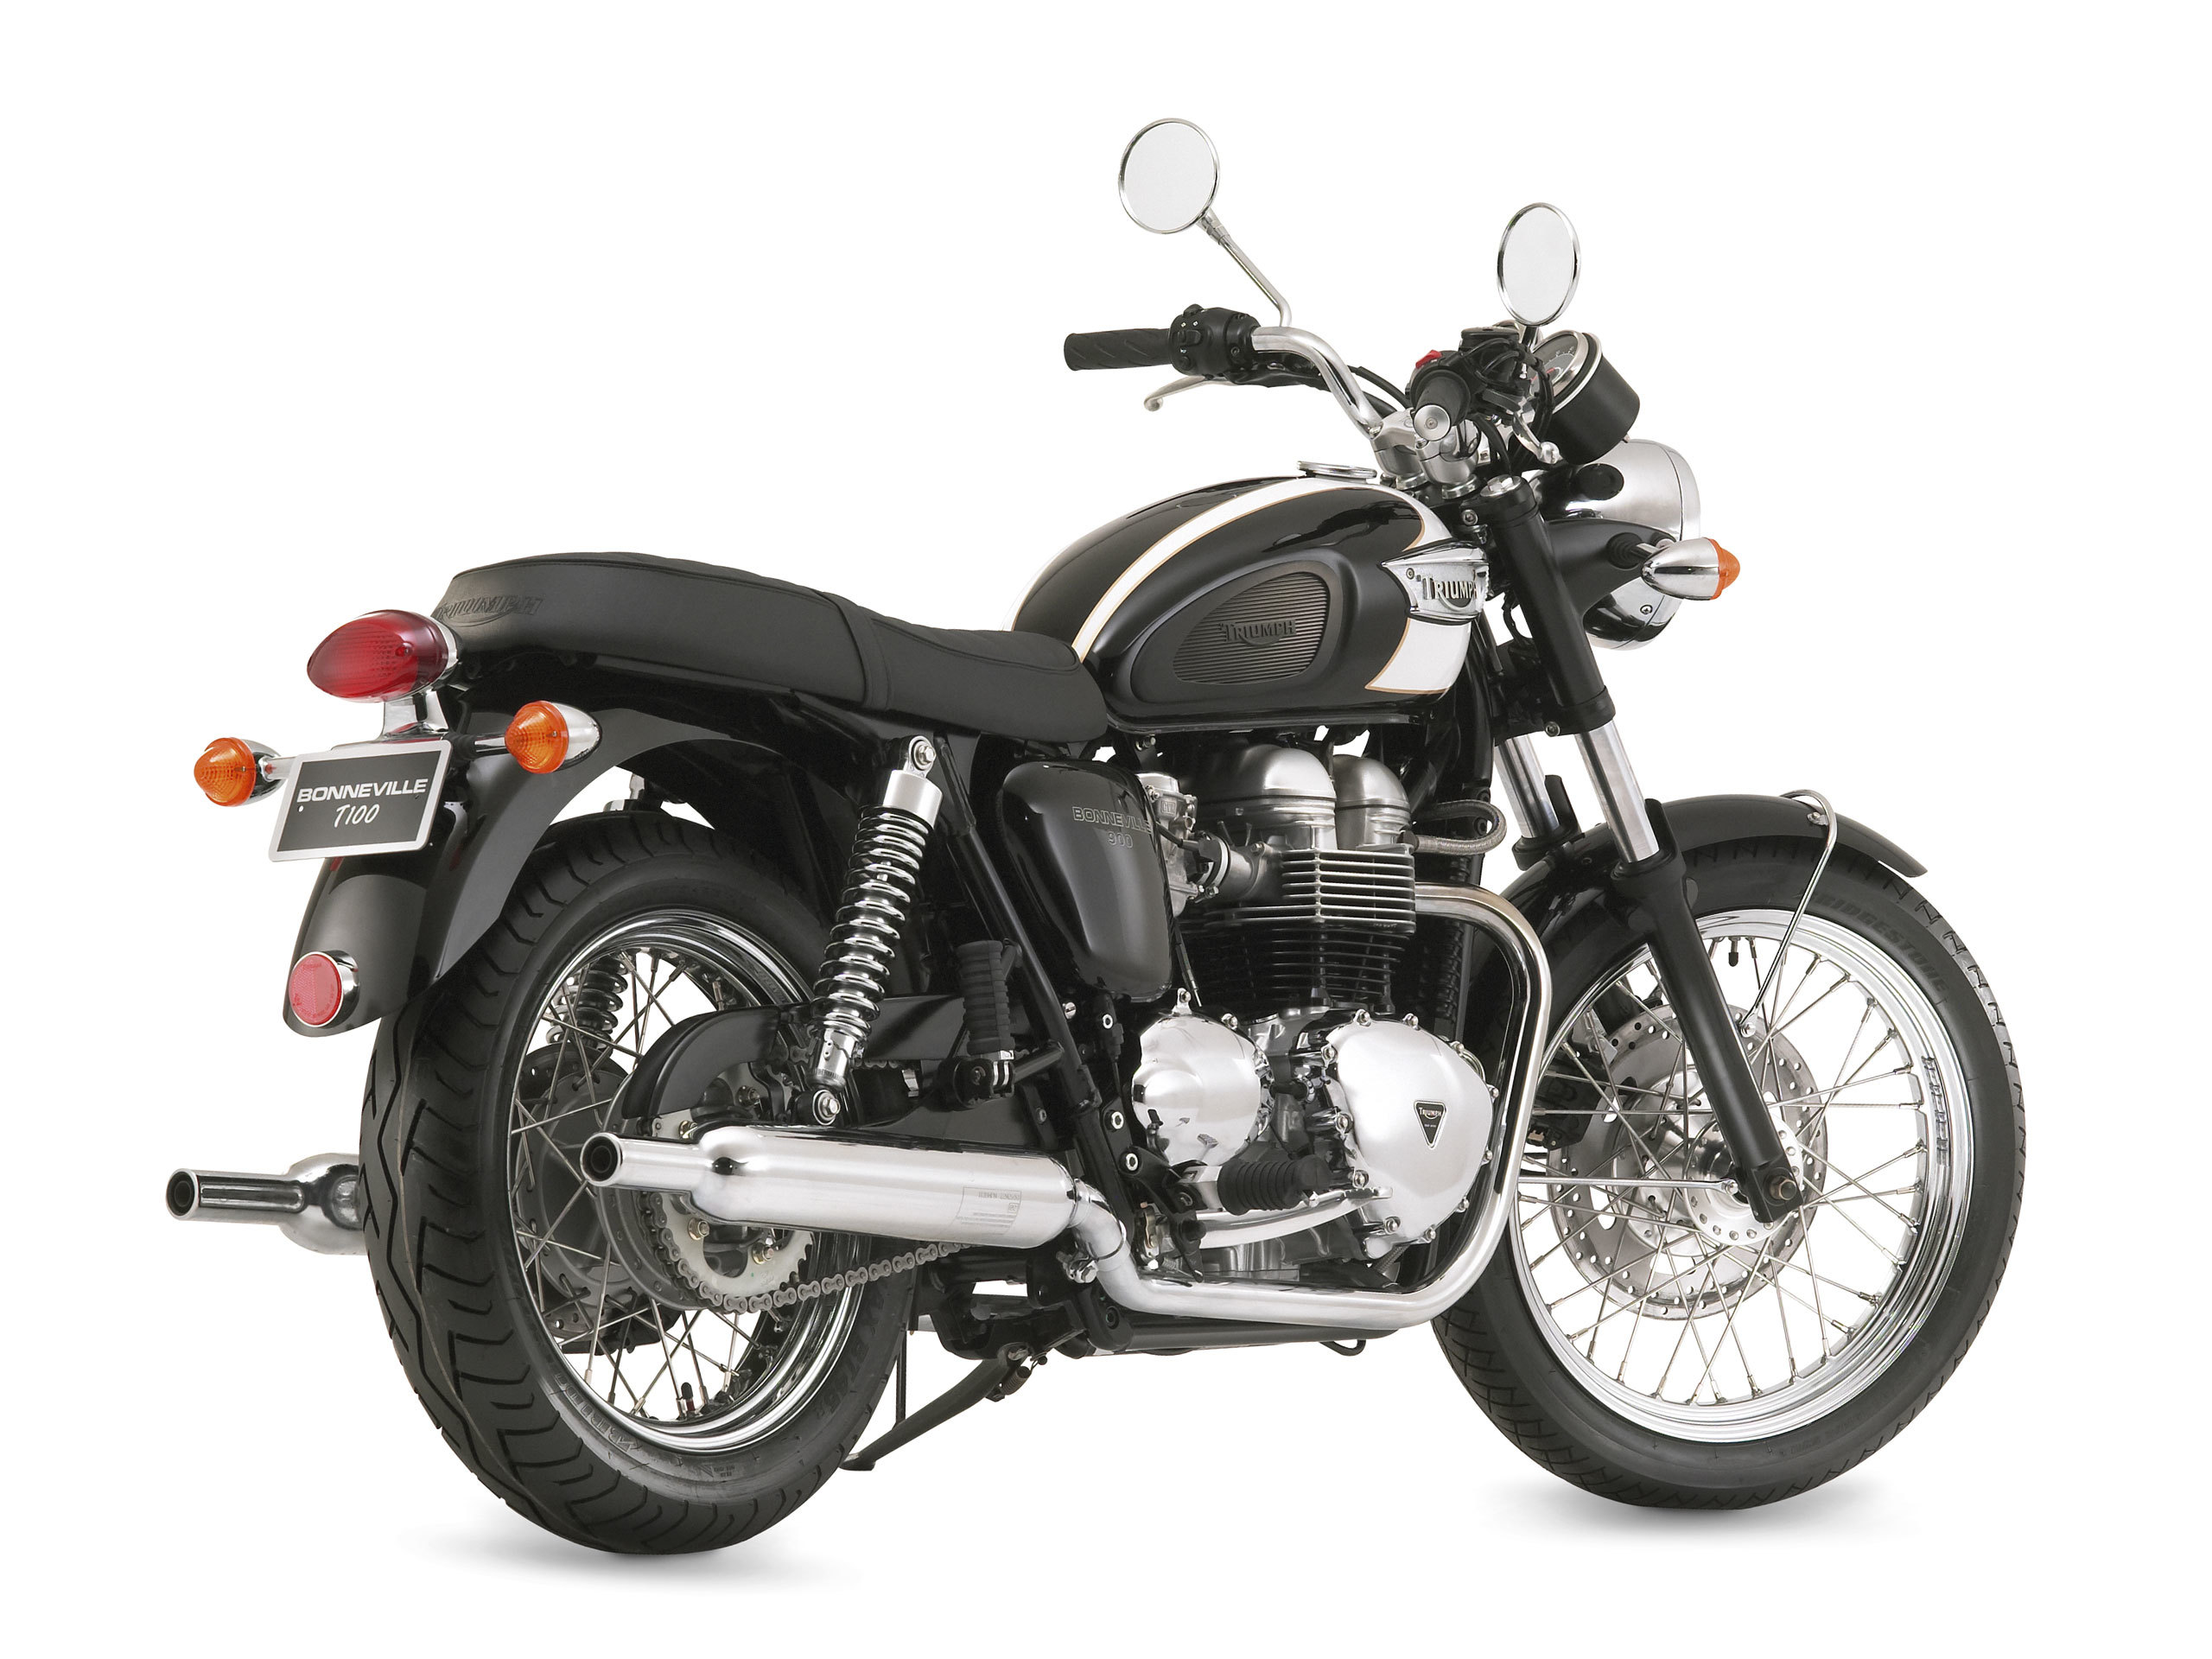 triumph bonneville t100 motorcycle studio photography. Black Bedroom Furniture Sets. Home Design Ideas